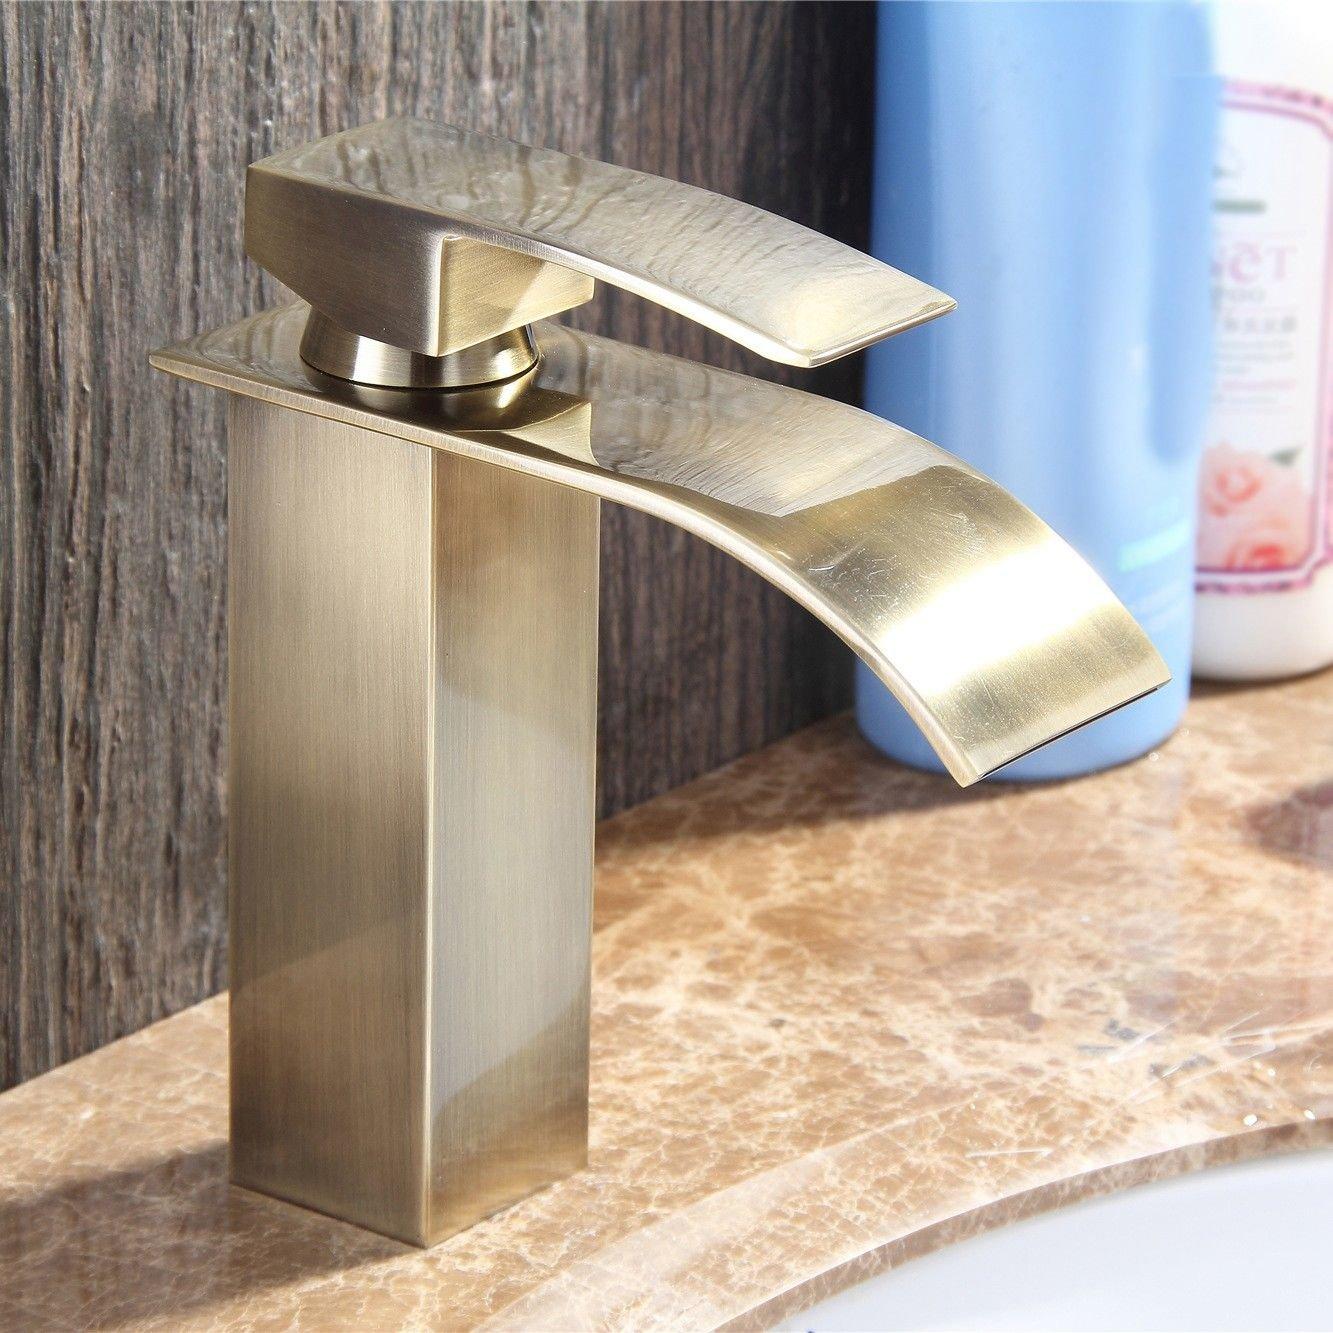 NewBorn Faucet Küche oder Badezimmer Waschbecken Mischbatterie antiken Wasserfall voll Kupfer heiß und Cold-Water ist der Orb